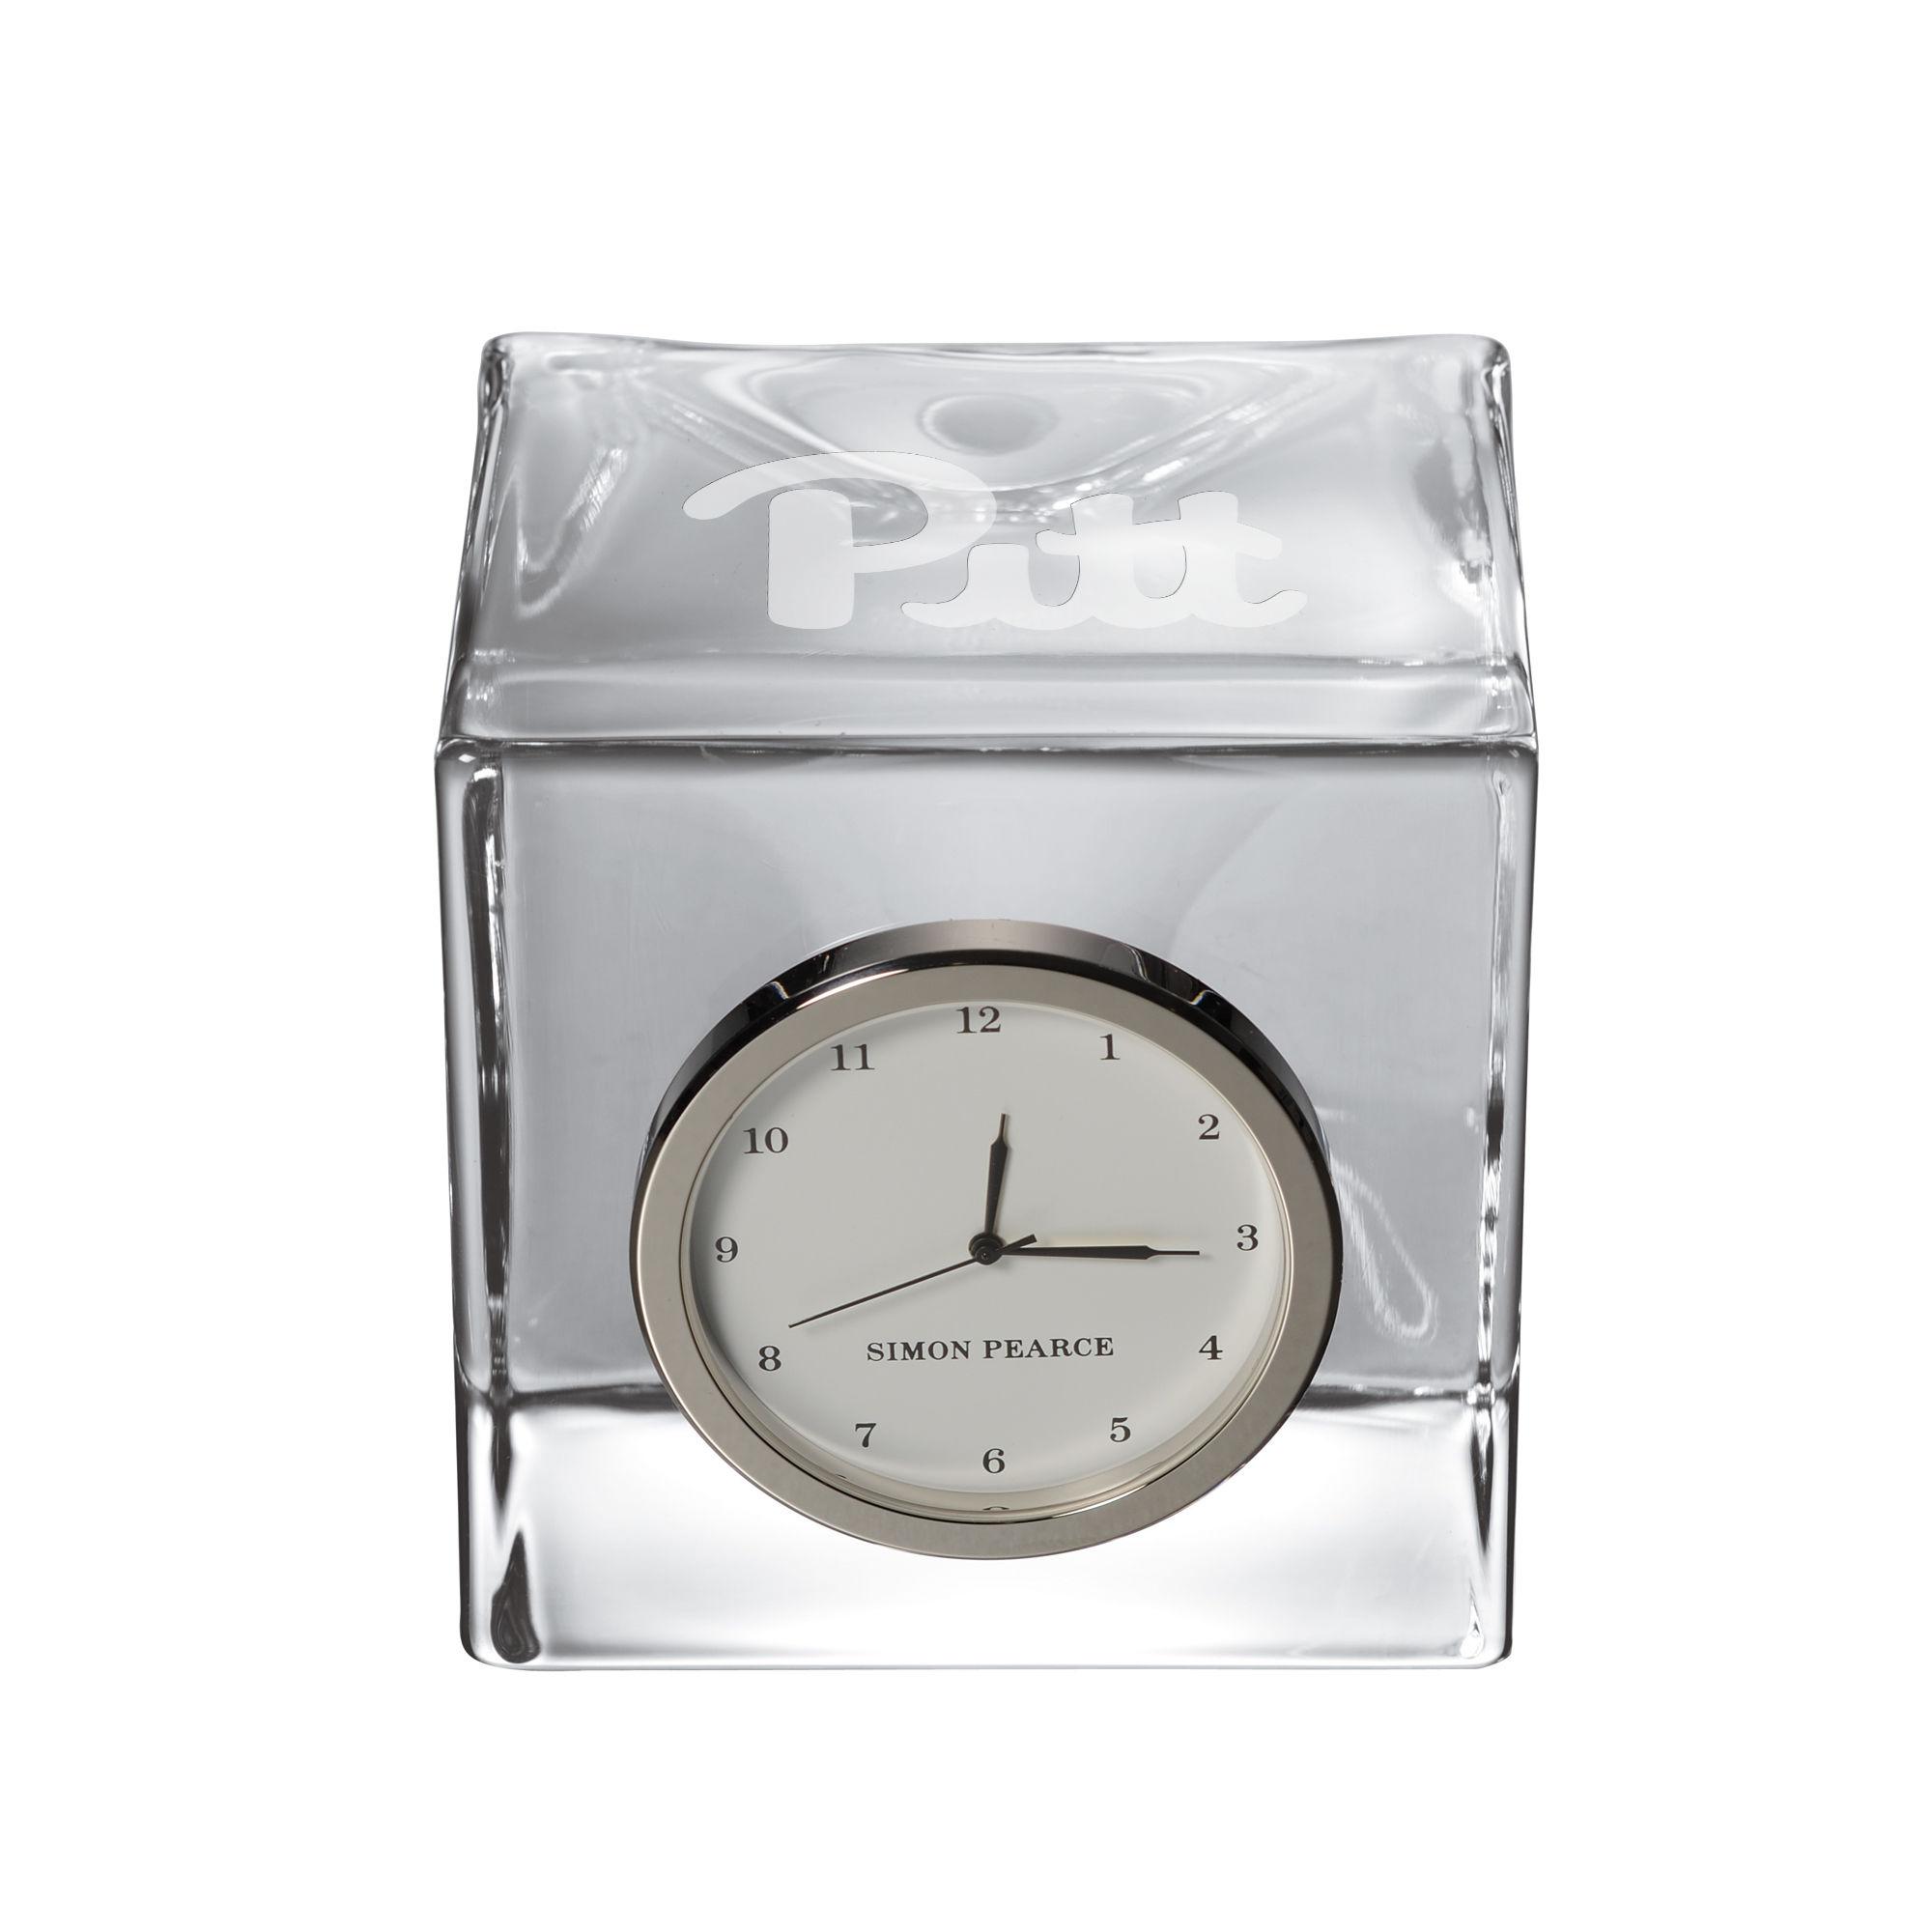 Pitt Glass Desk Clock by Simon Pearce